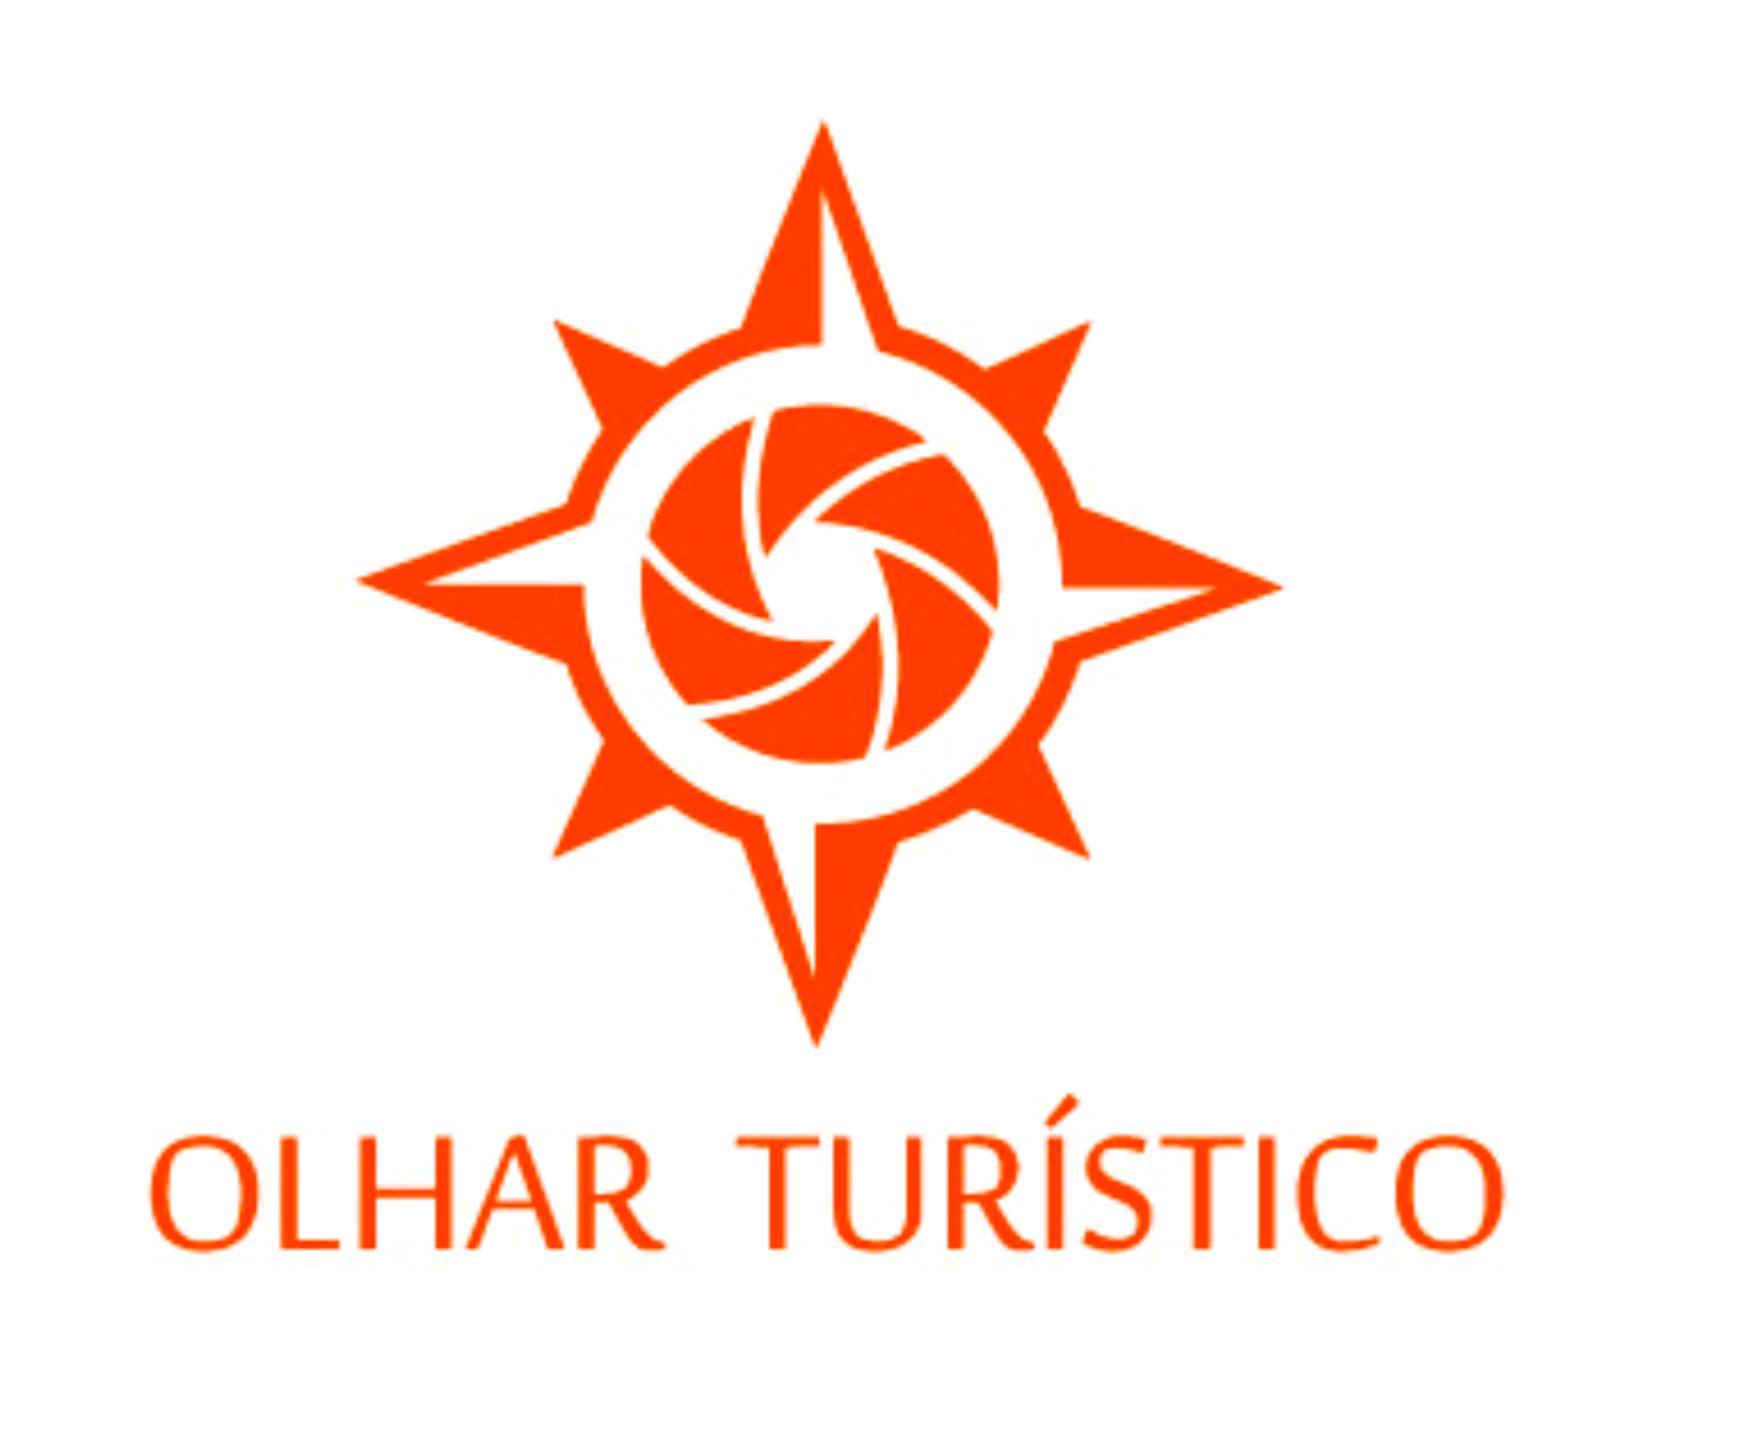 logo ot